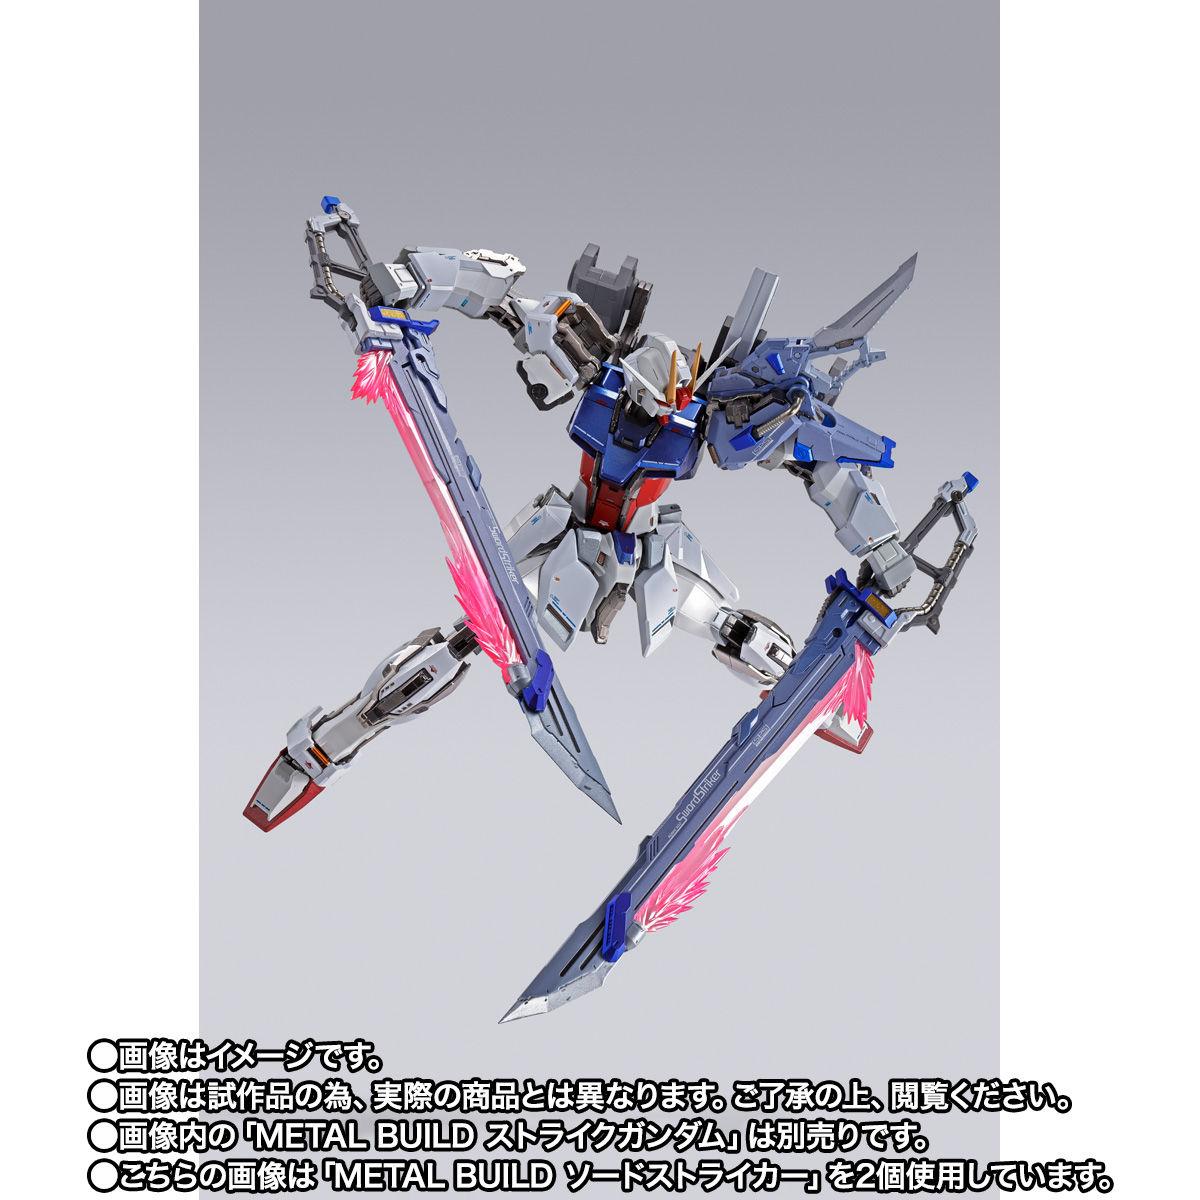 【限定販売】METAL BUILD『ソードストライカー』機動戦士ガンダムSEED 可動フィギュア-006